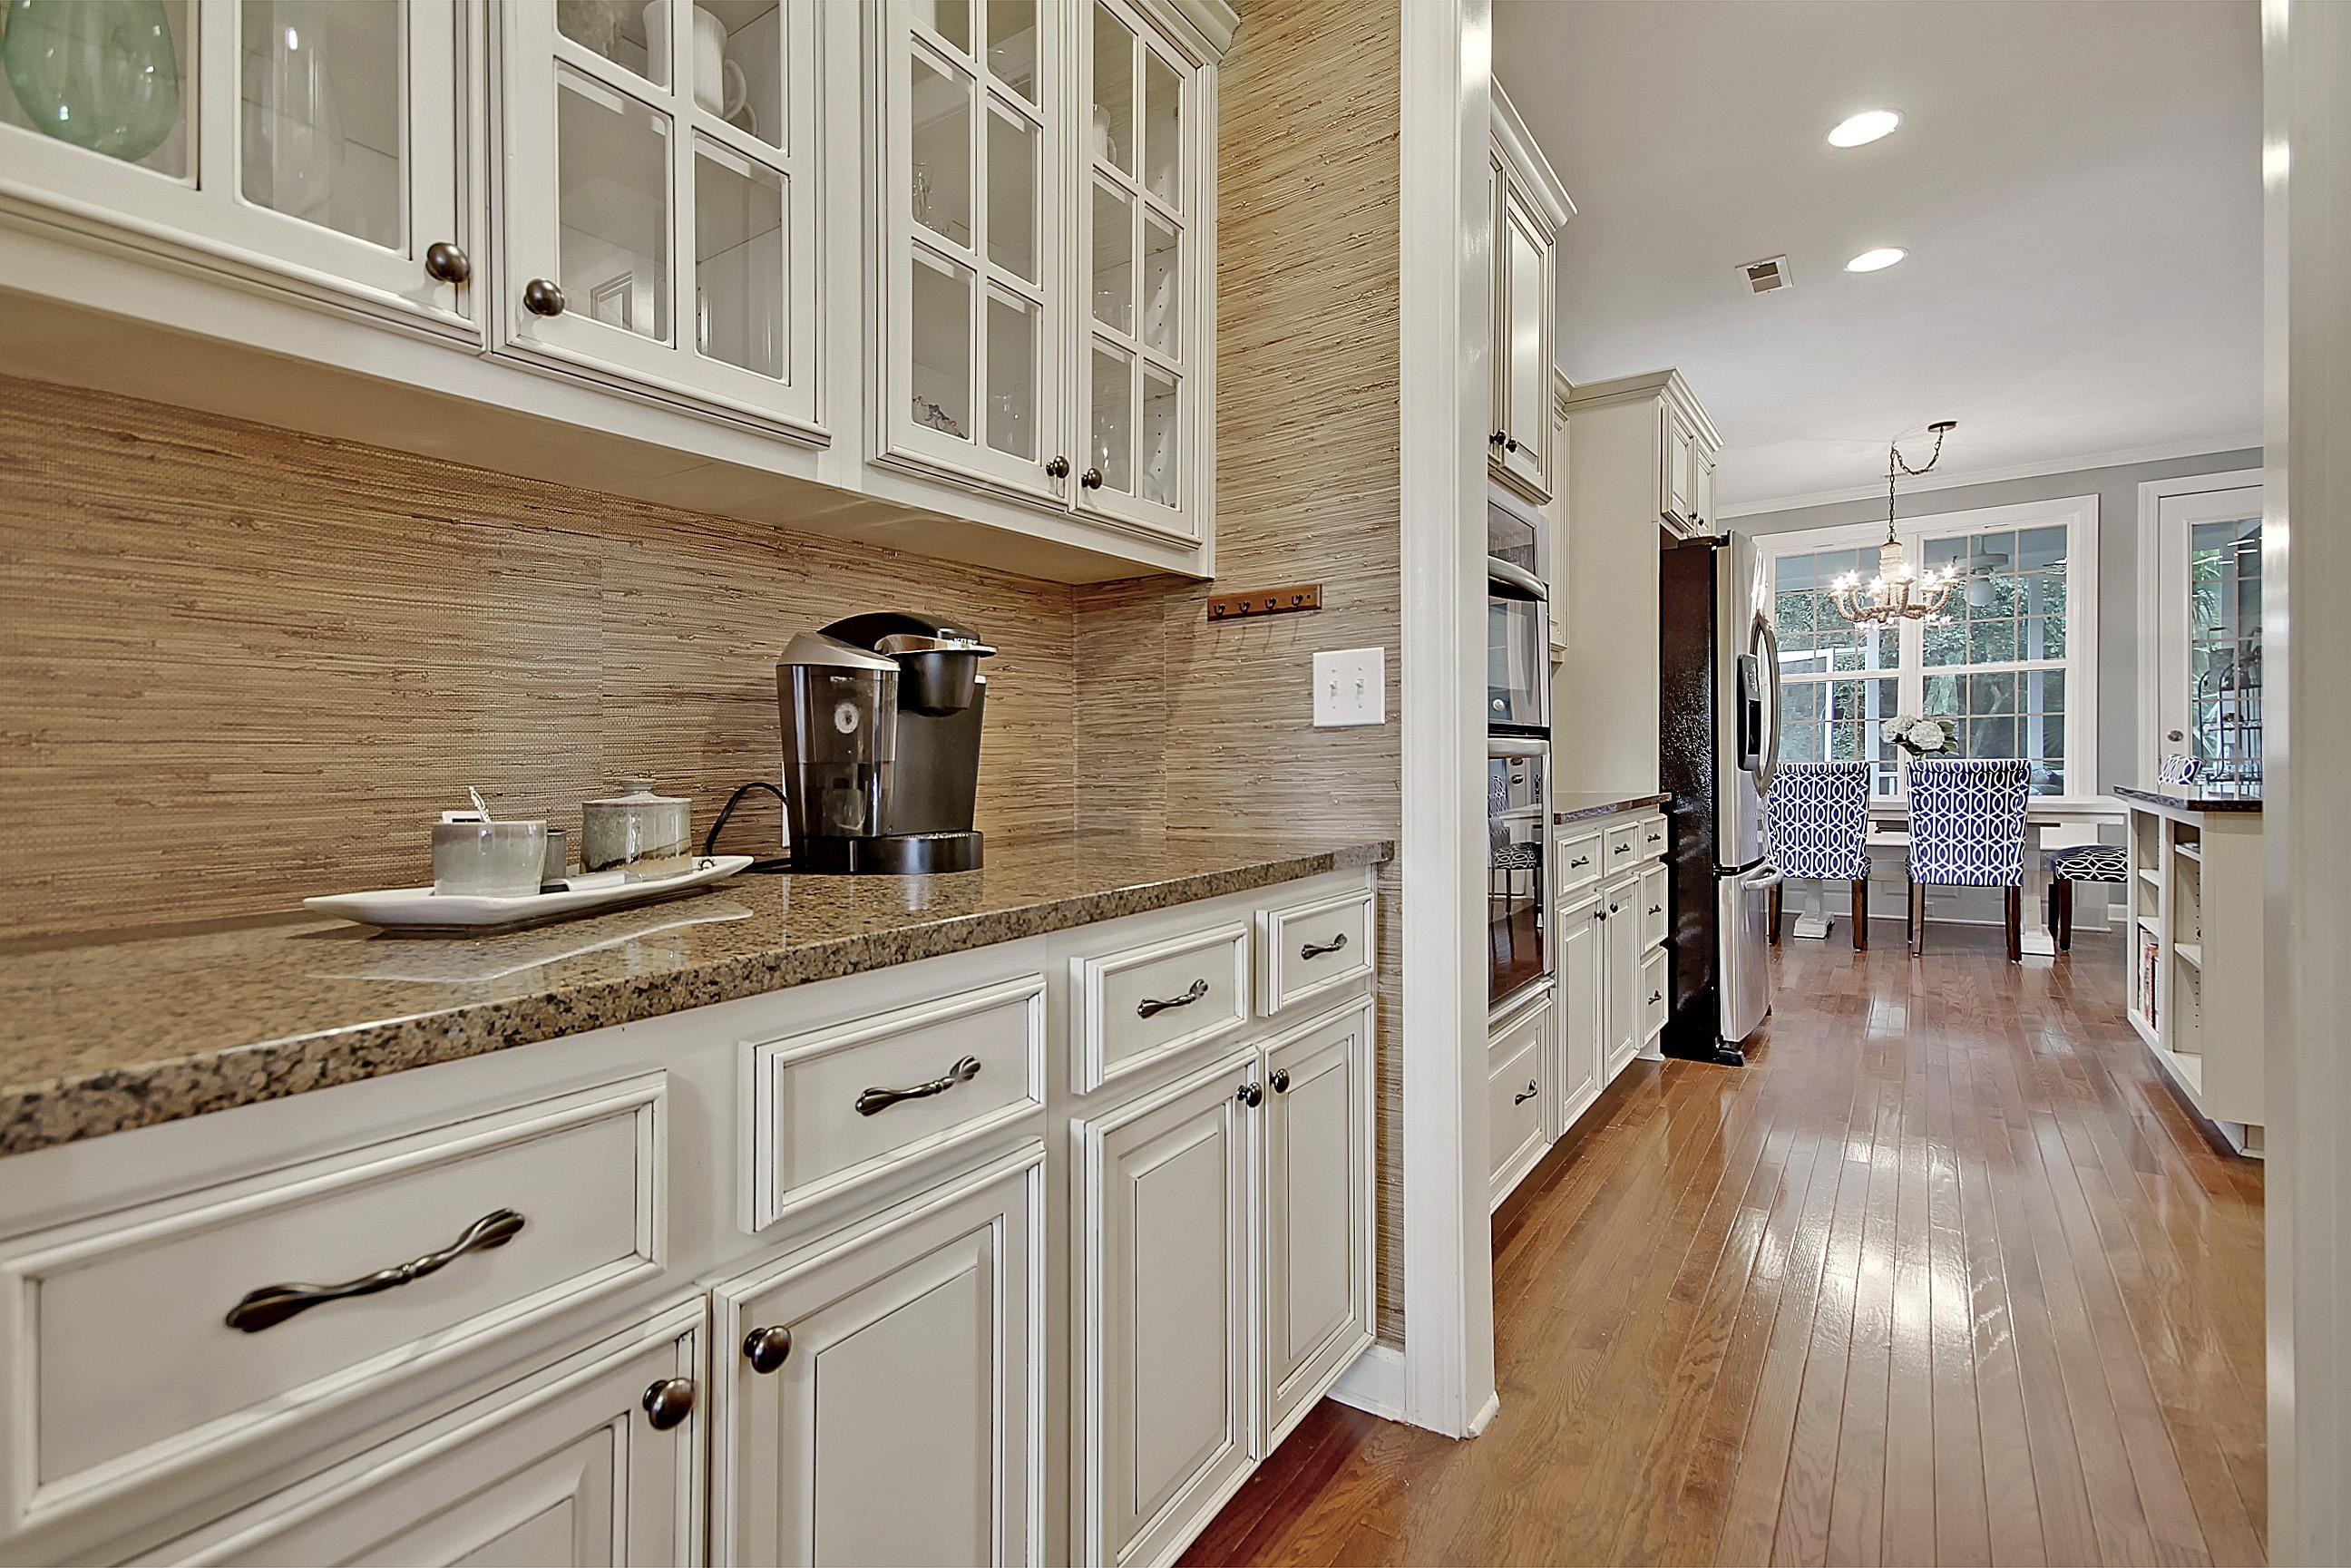 Dunes West Homes For Sale - 3056 Riverwood, Mount Pleasant, SC - 12